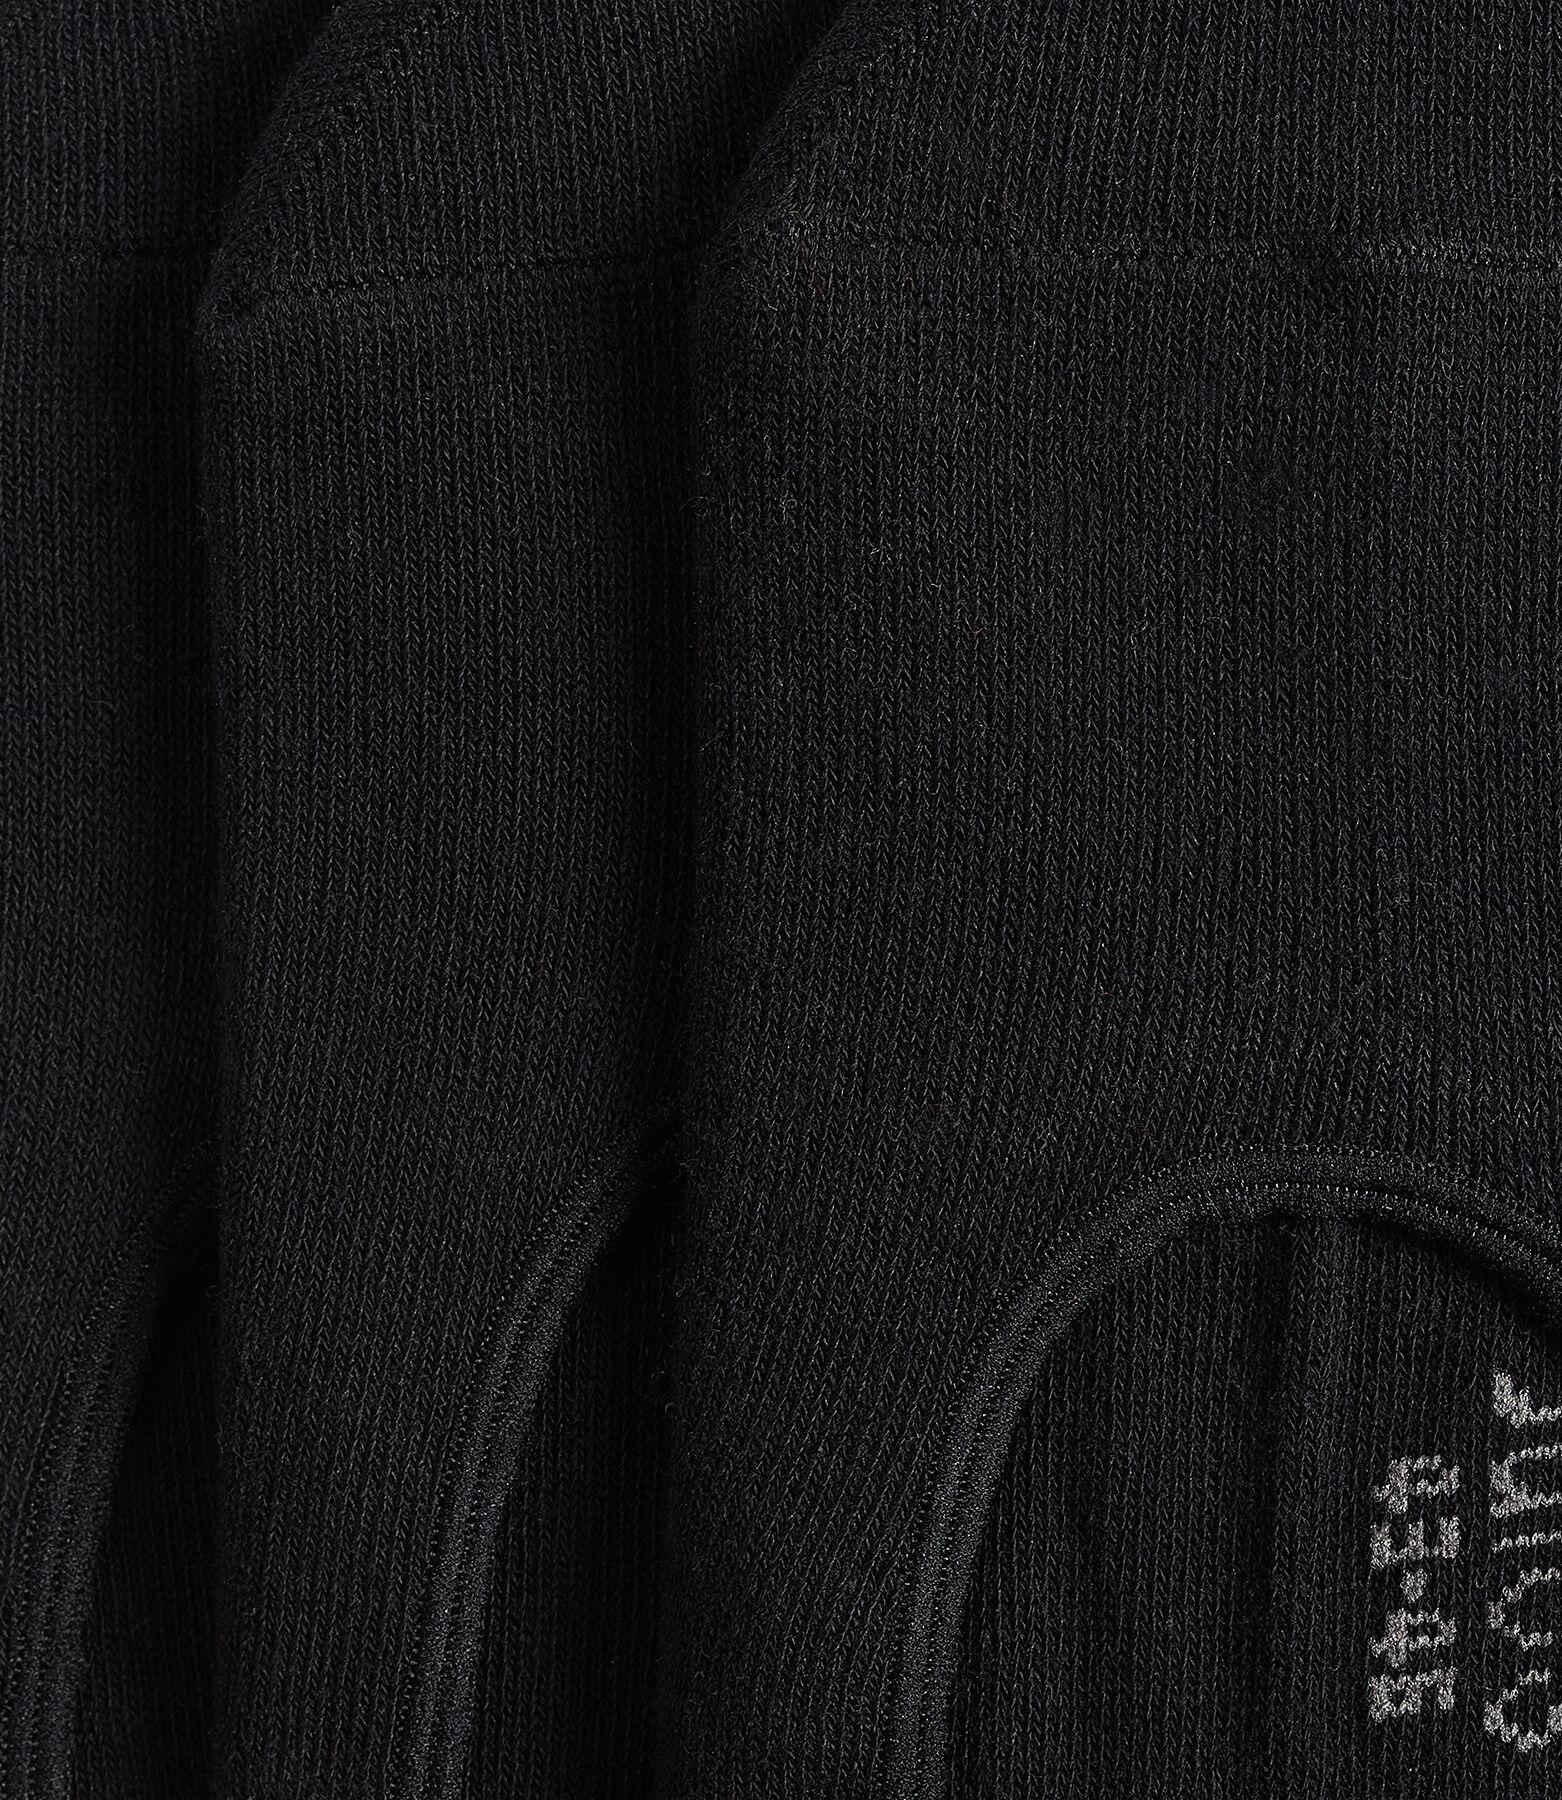 Lot de 3 paires de chaussettes invisibles